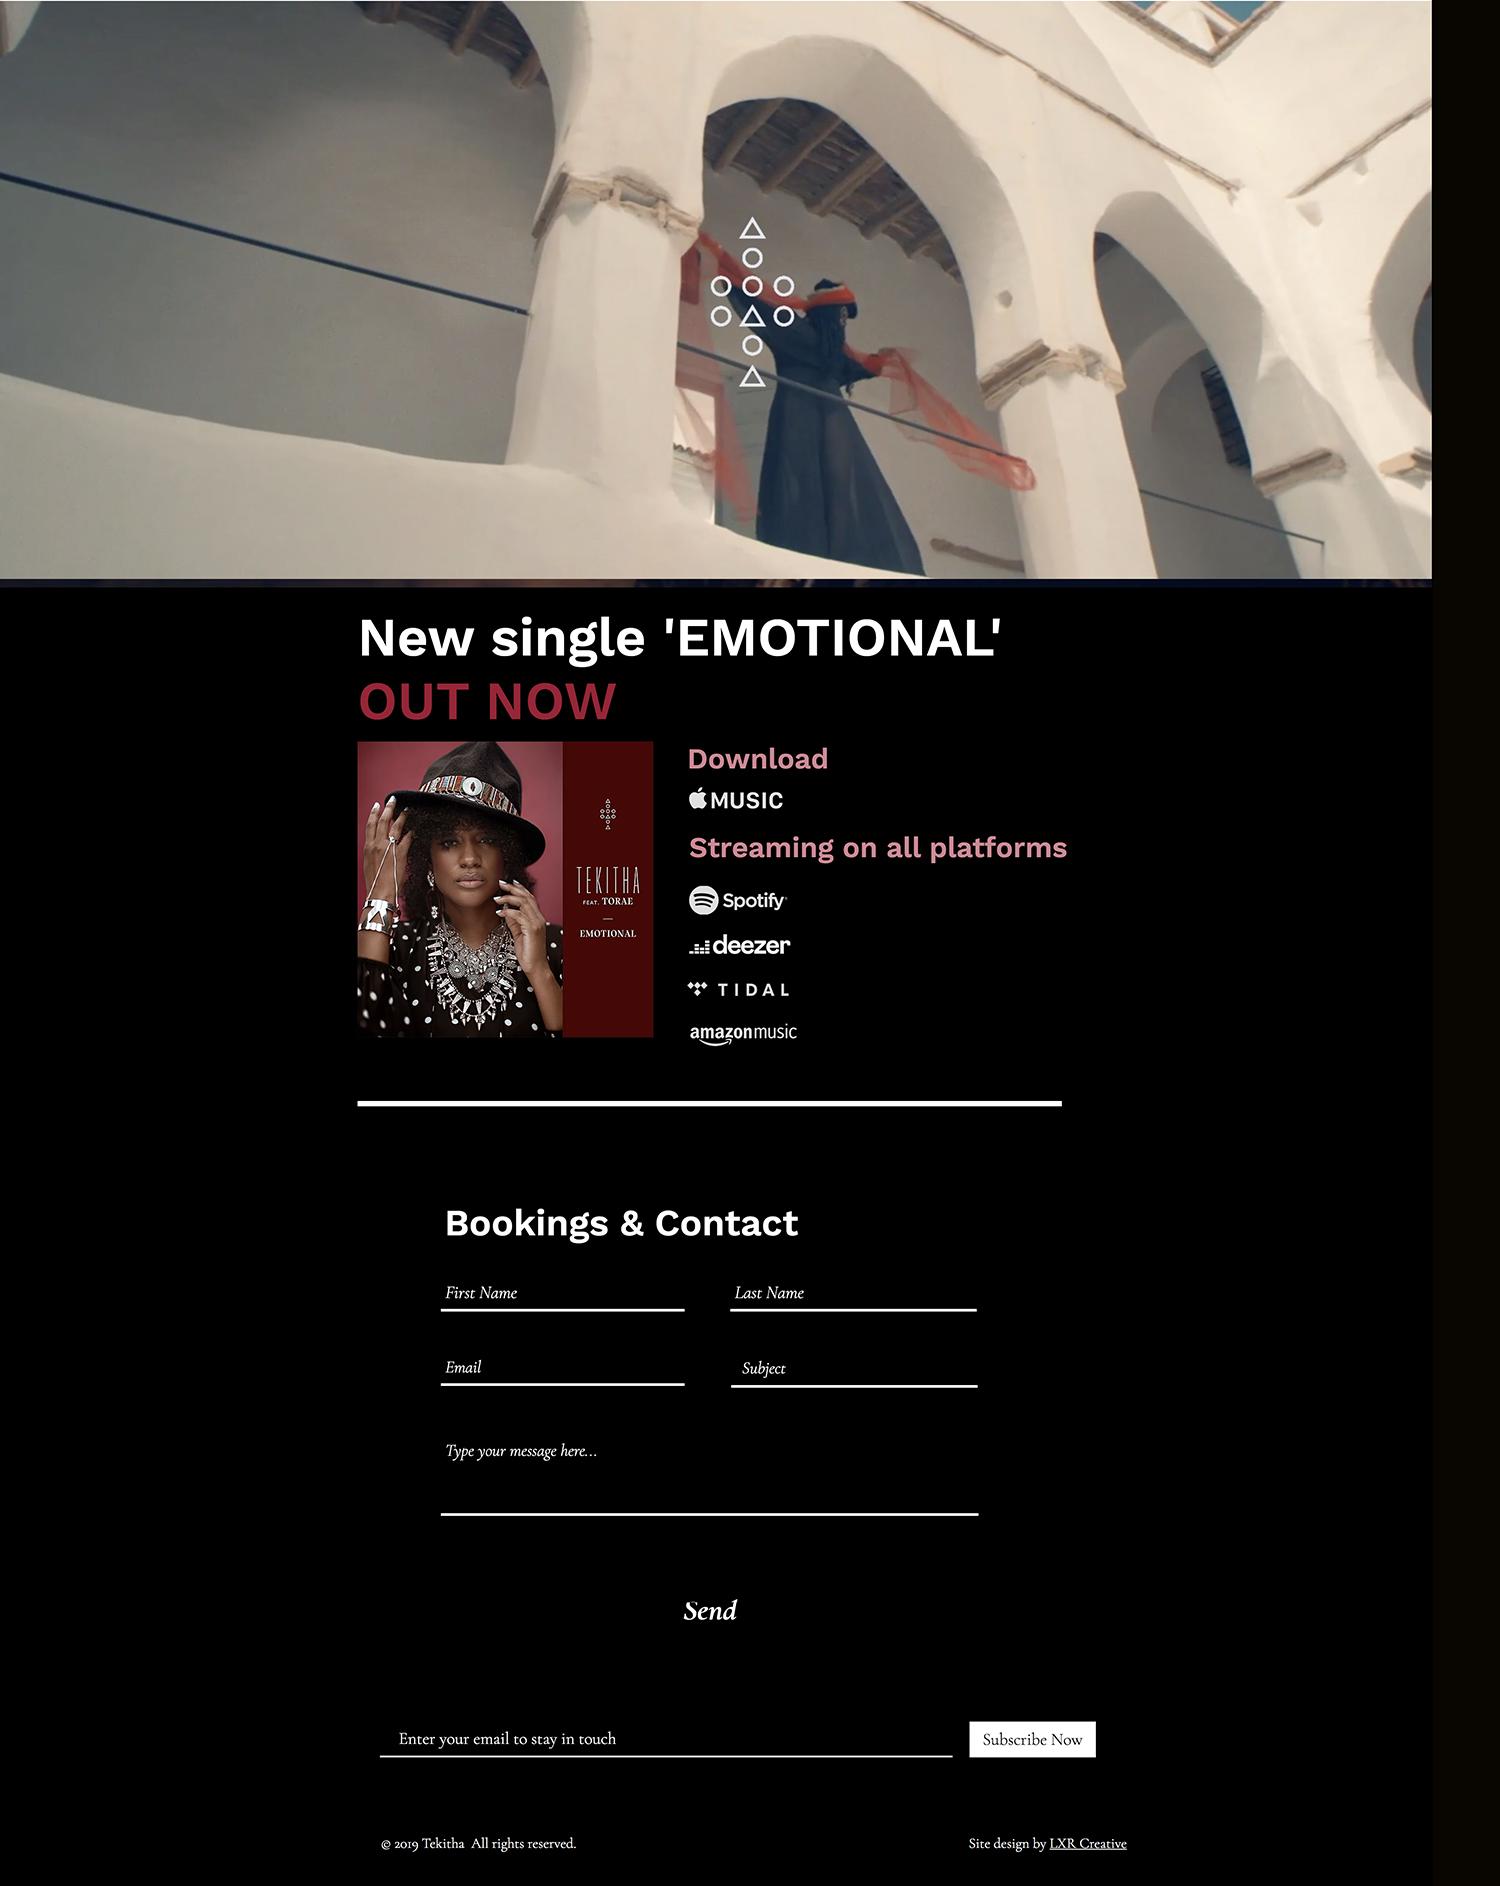 tekitha-websitedesign-studiolxr_2